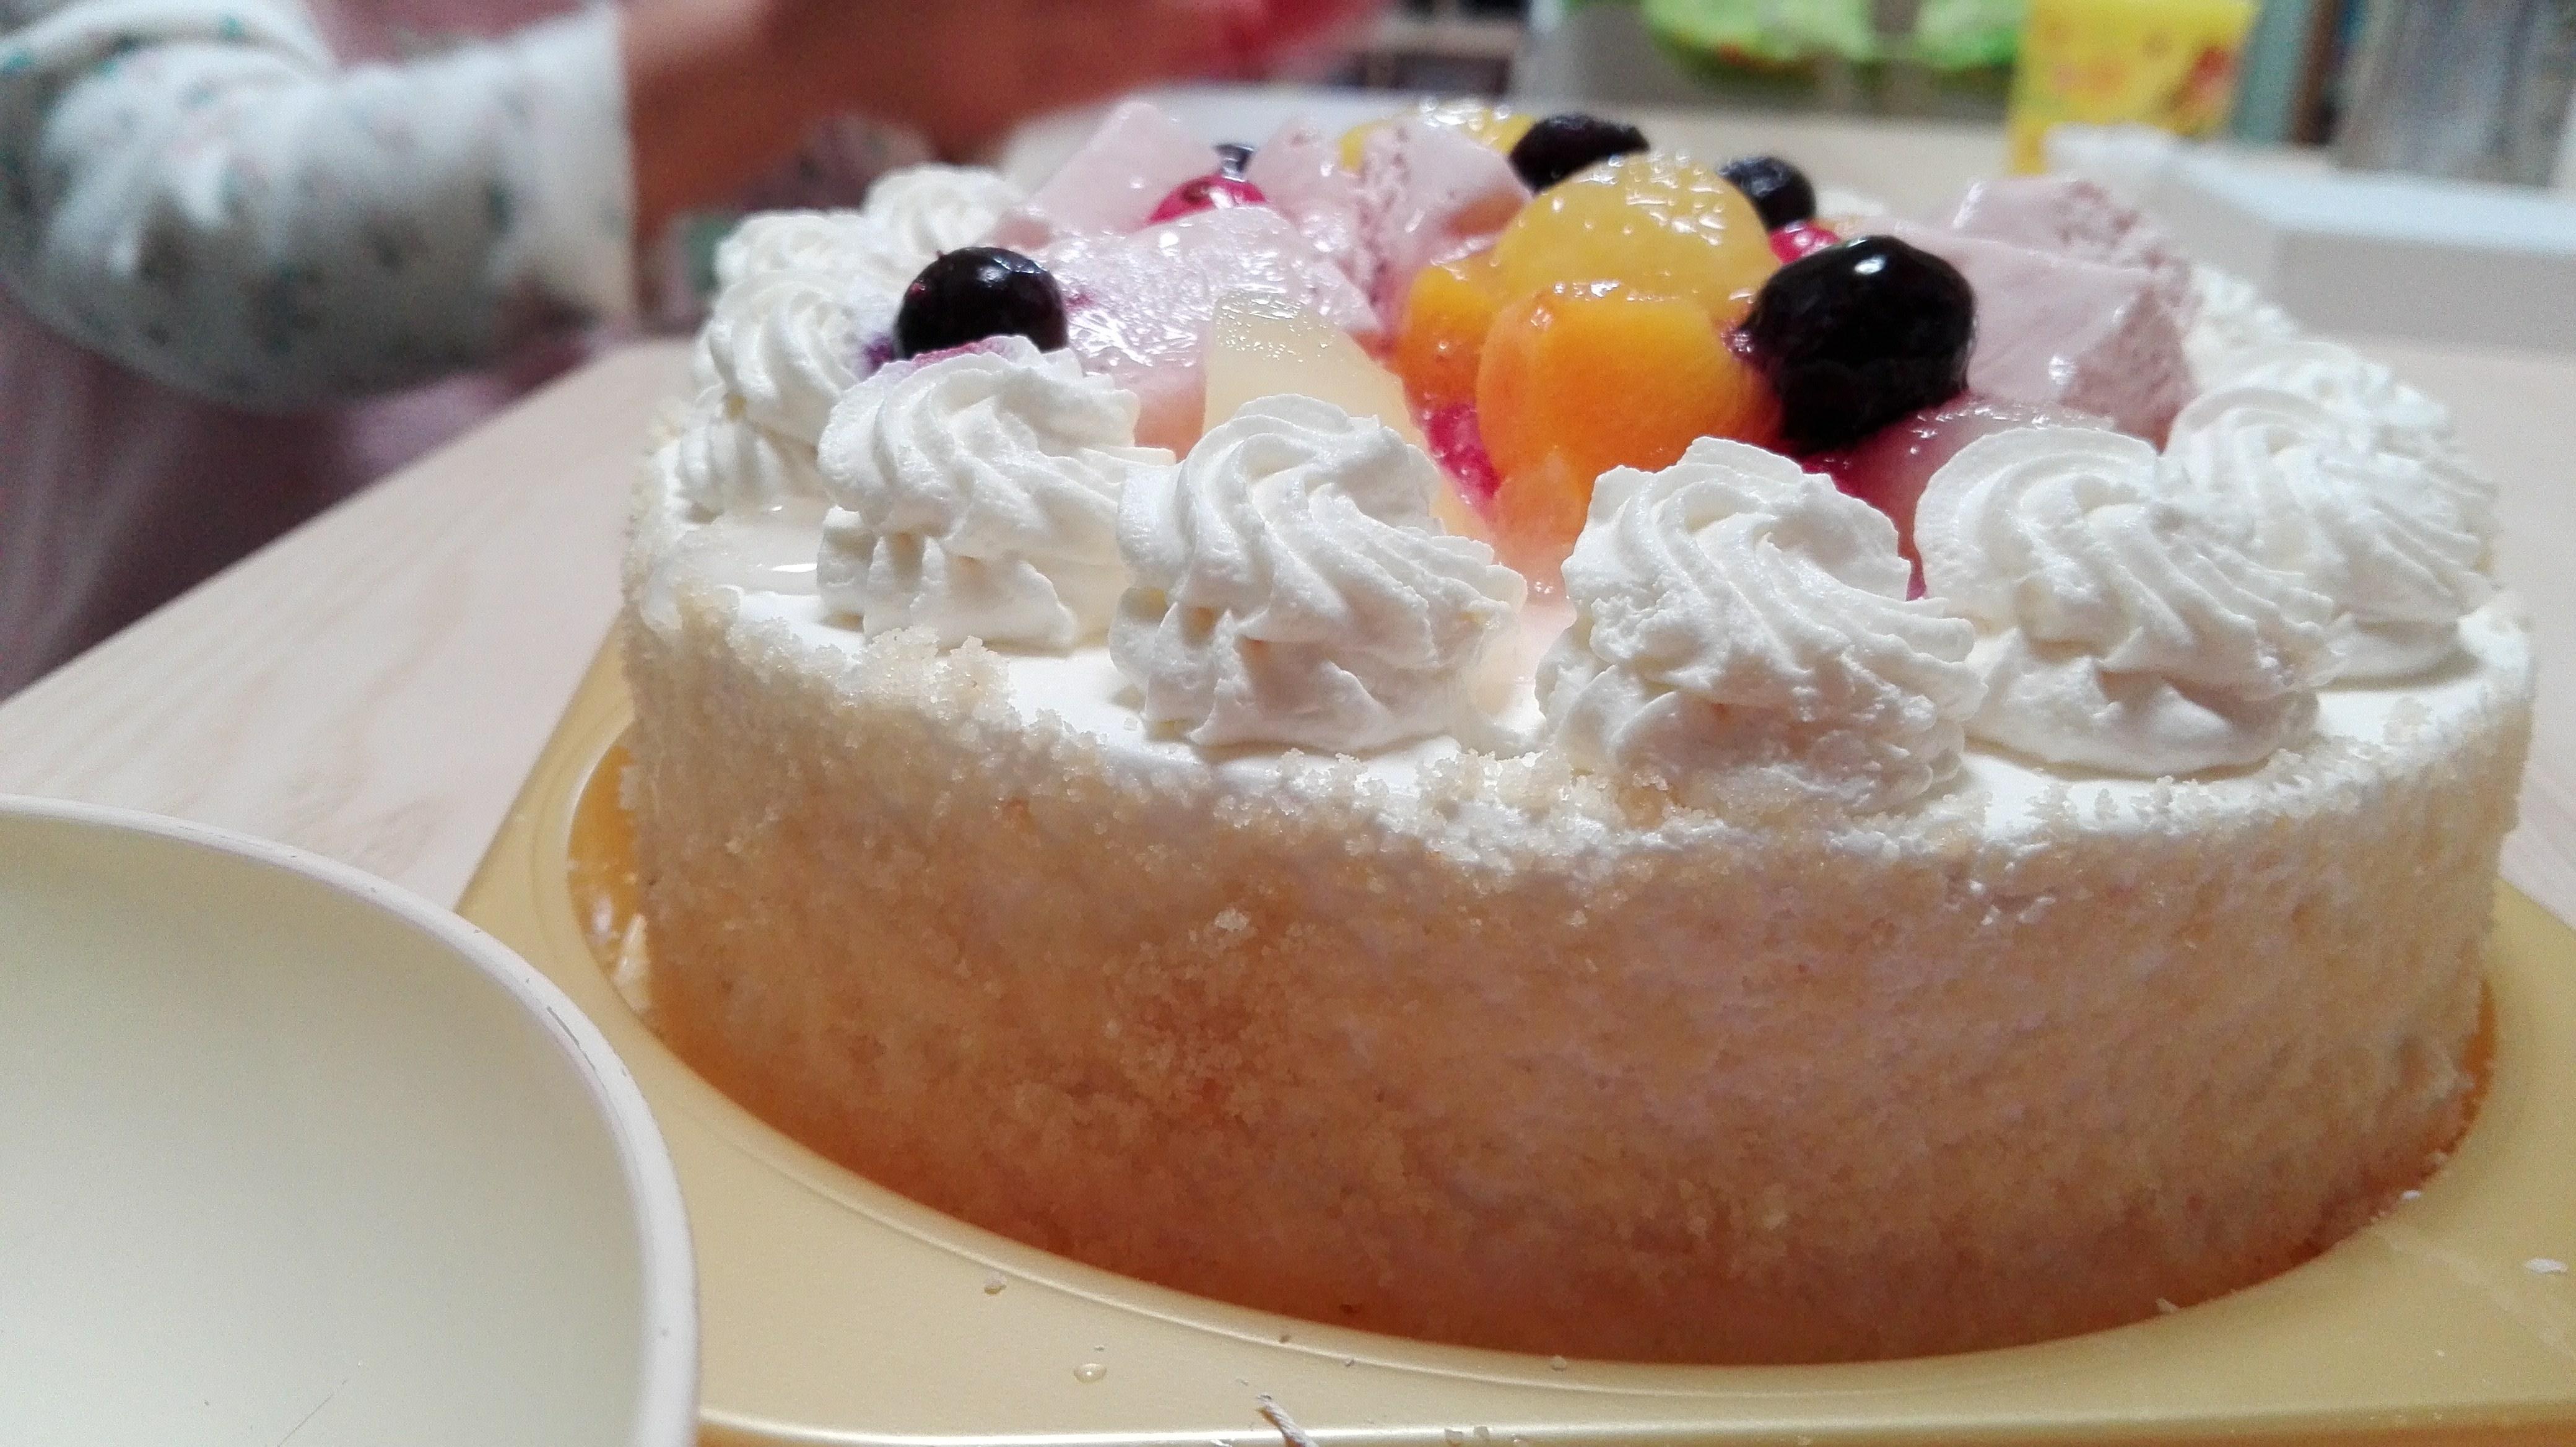 【感想】卵&乳製品&小麦不使用のケーキを通販でお取り寄せ!アレルギーでもOKなクリスマスケーキは楽天「お菓子の菊家」